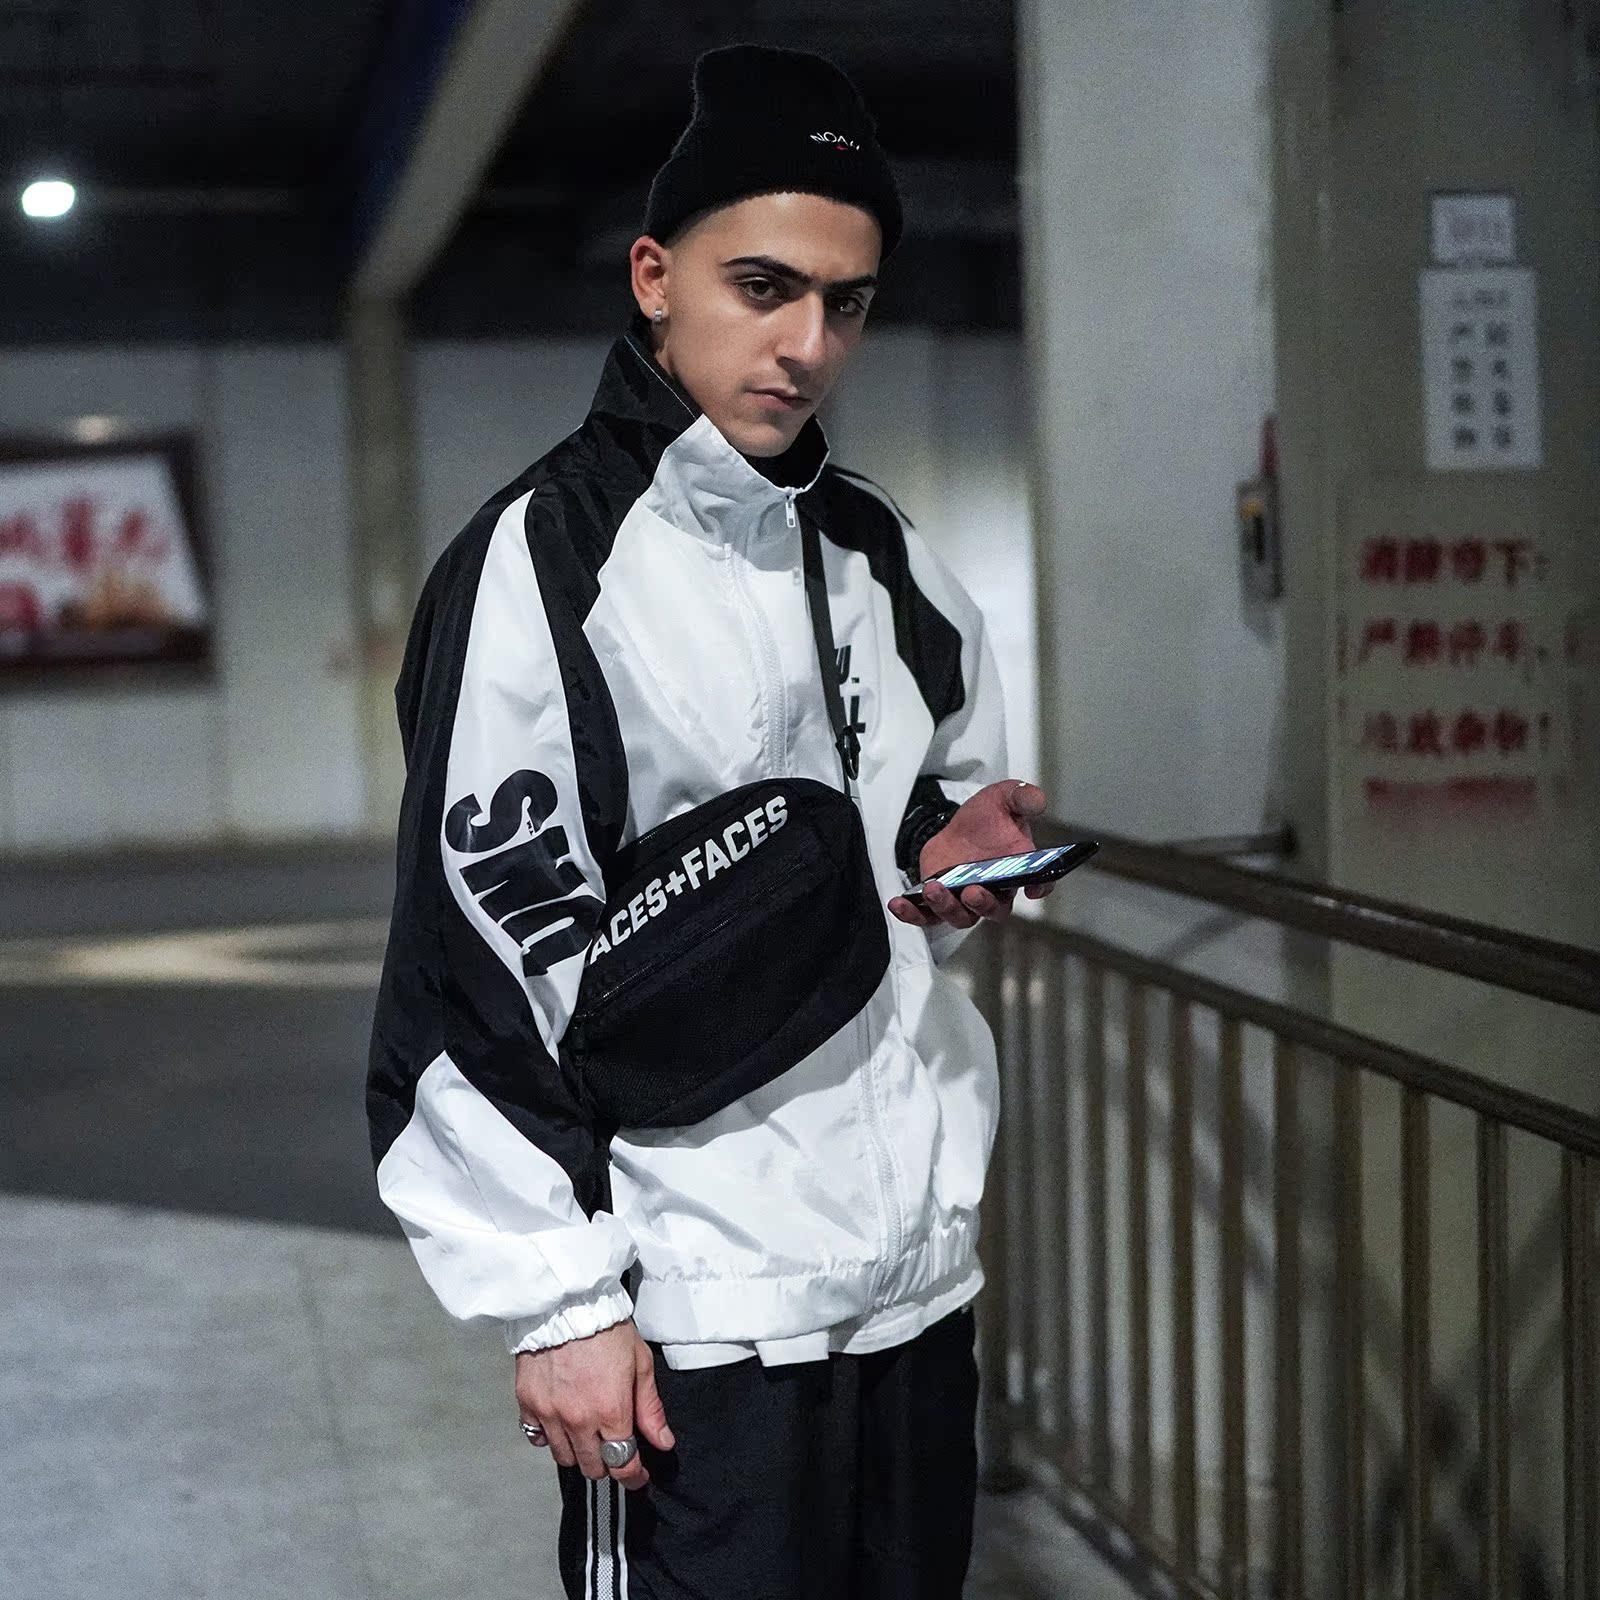 男士风衣外套 ins超火的运动外套男hiphop风衣撞色国潮嘻哈串标潮牌情侣冲锋衣_推荐淘宝好看的男风衣外套